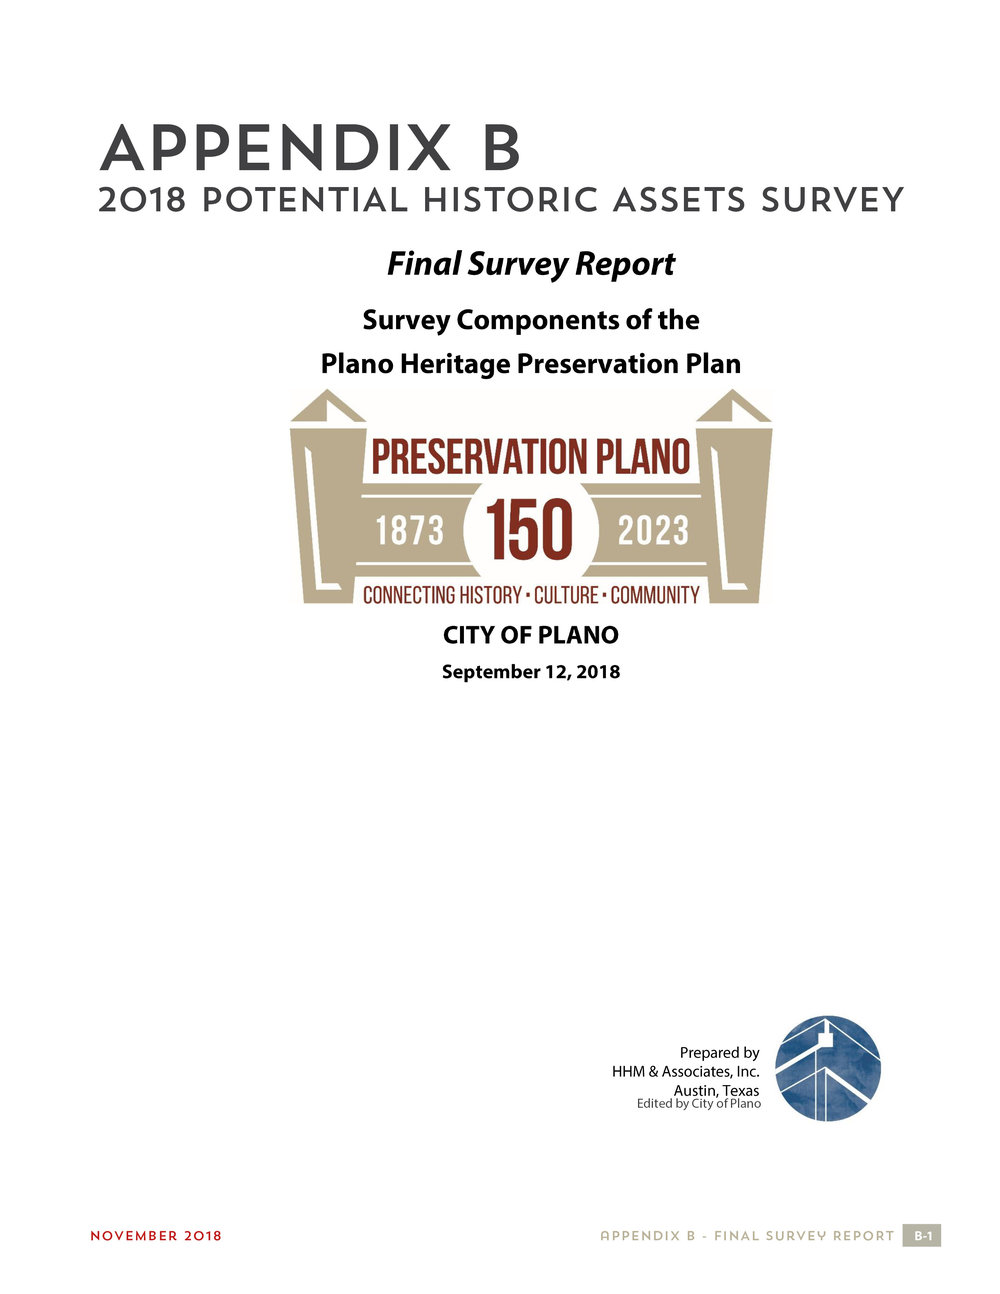 Appendix B - 2018 Potential Historic Assets Survey